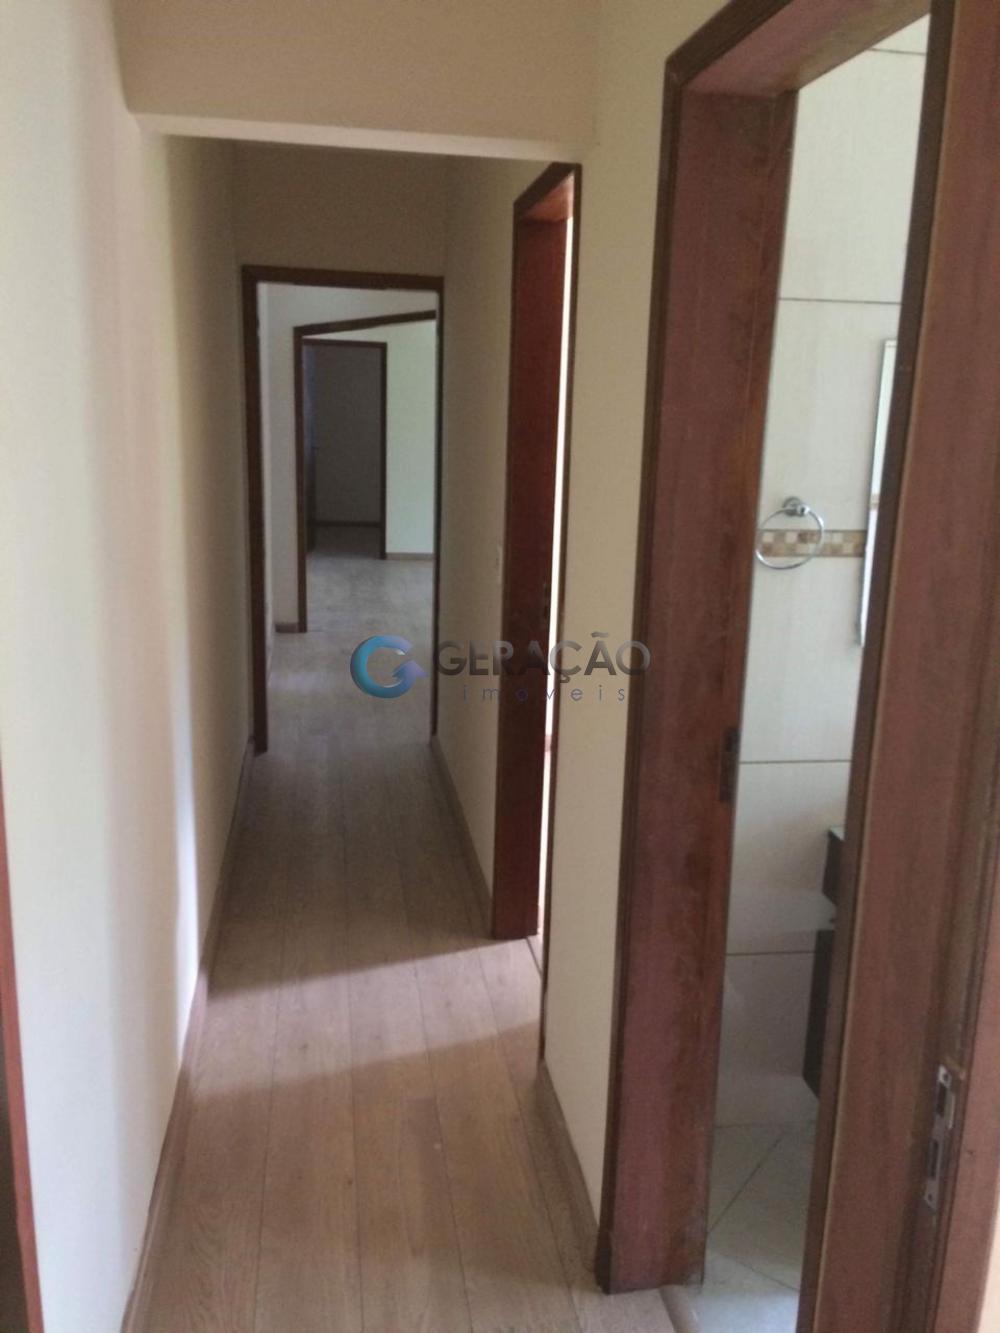 Comprar Casa / Padrão em São José dos Campos apenas R$ 215.000,00 - Foto 7